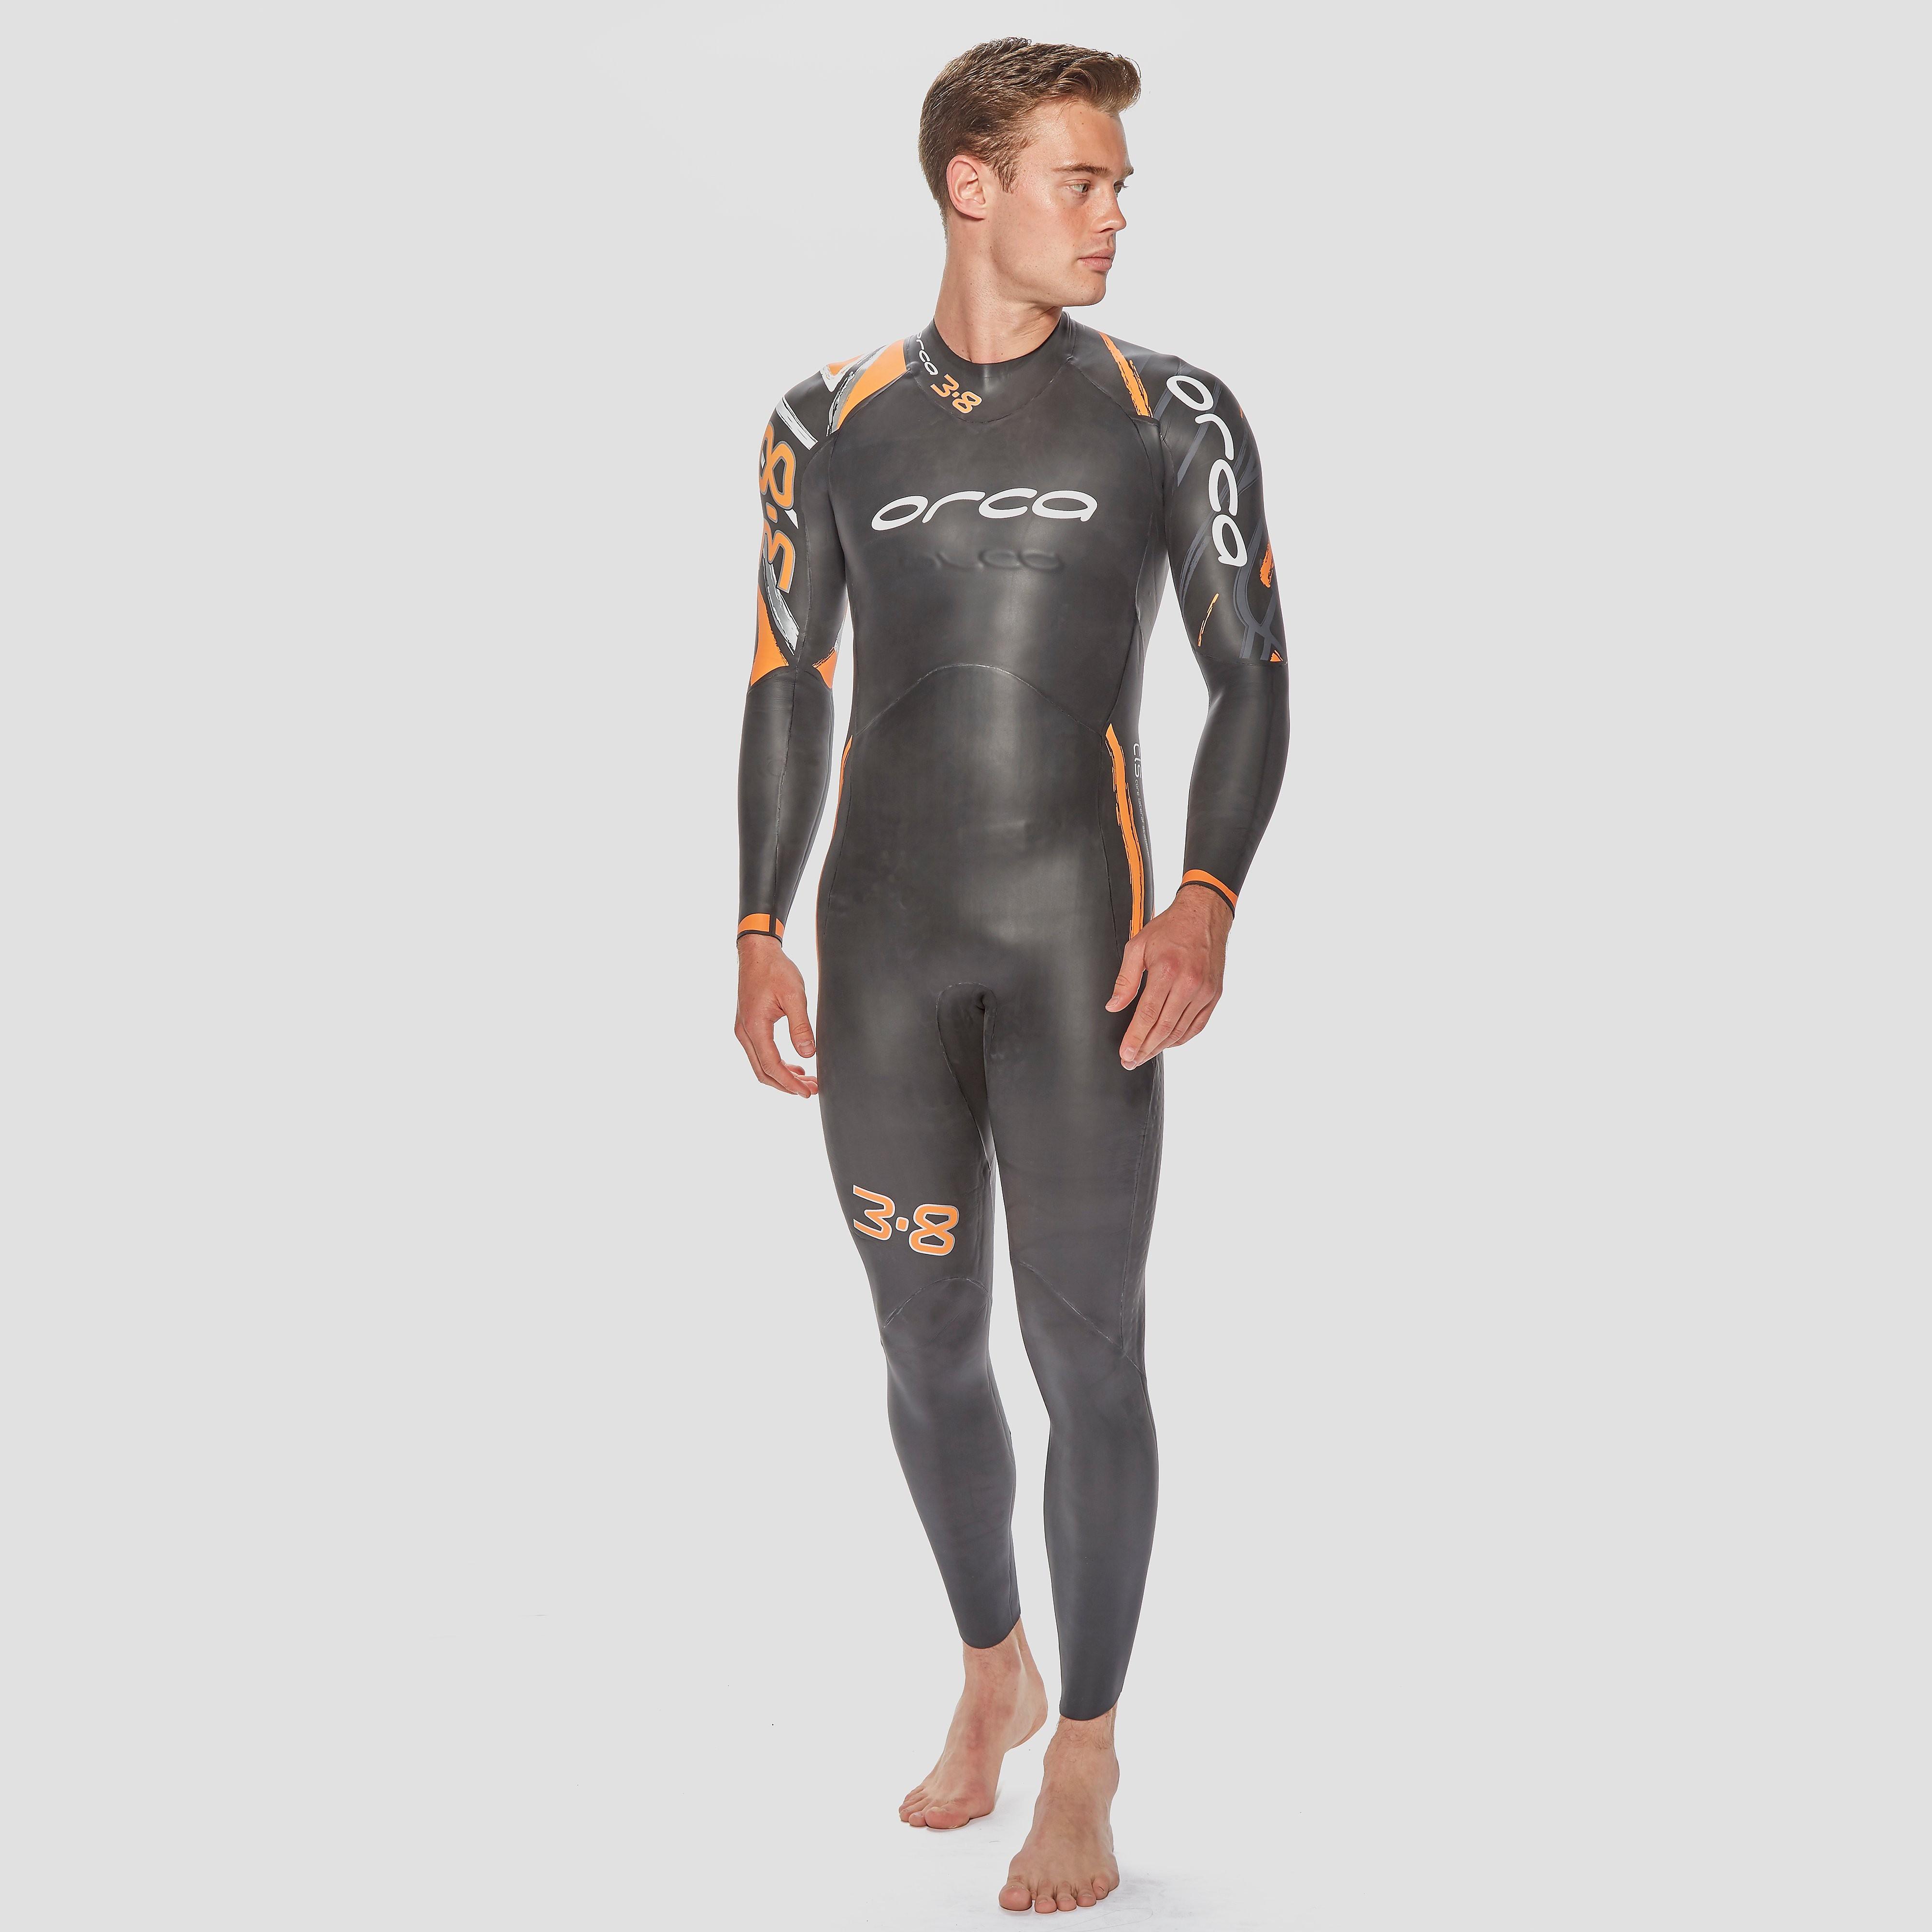 Mens Black Orca 3.8 Triathlon Wetsuit